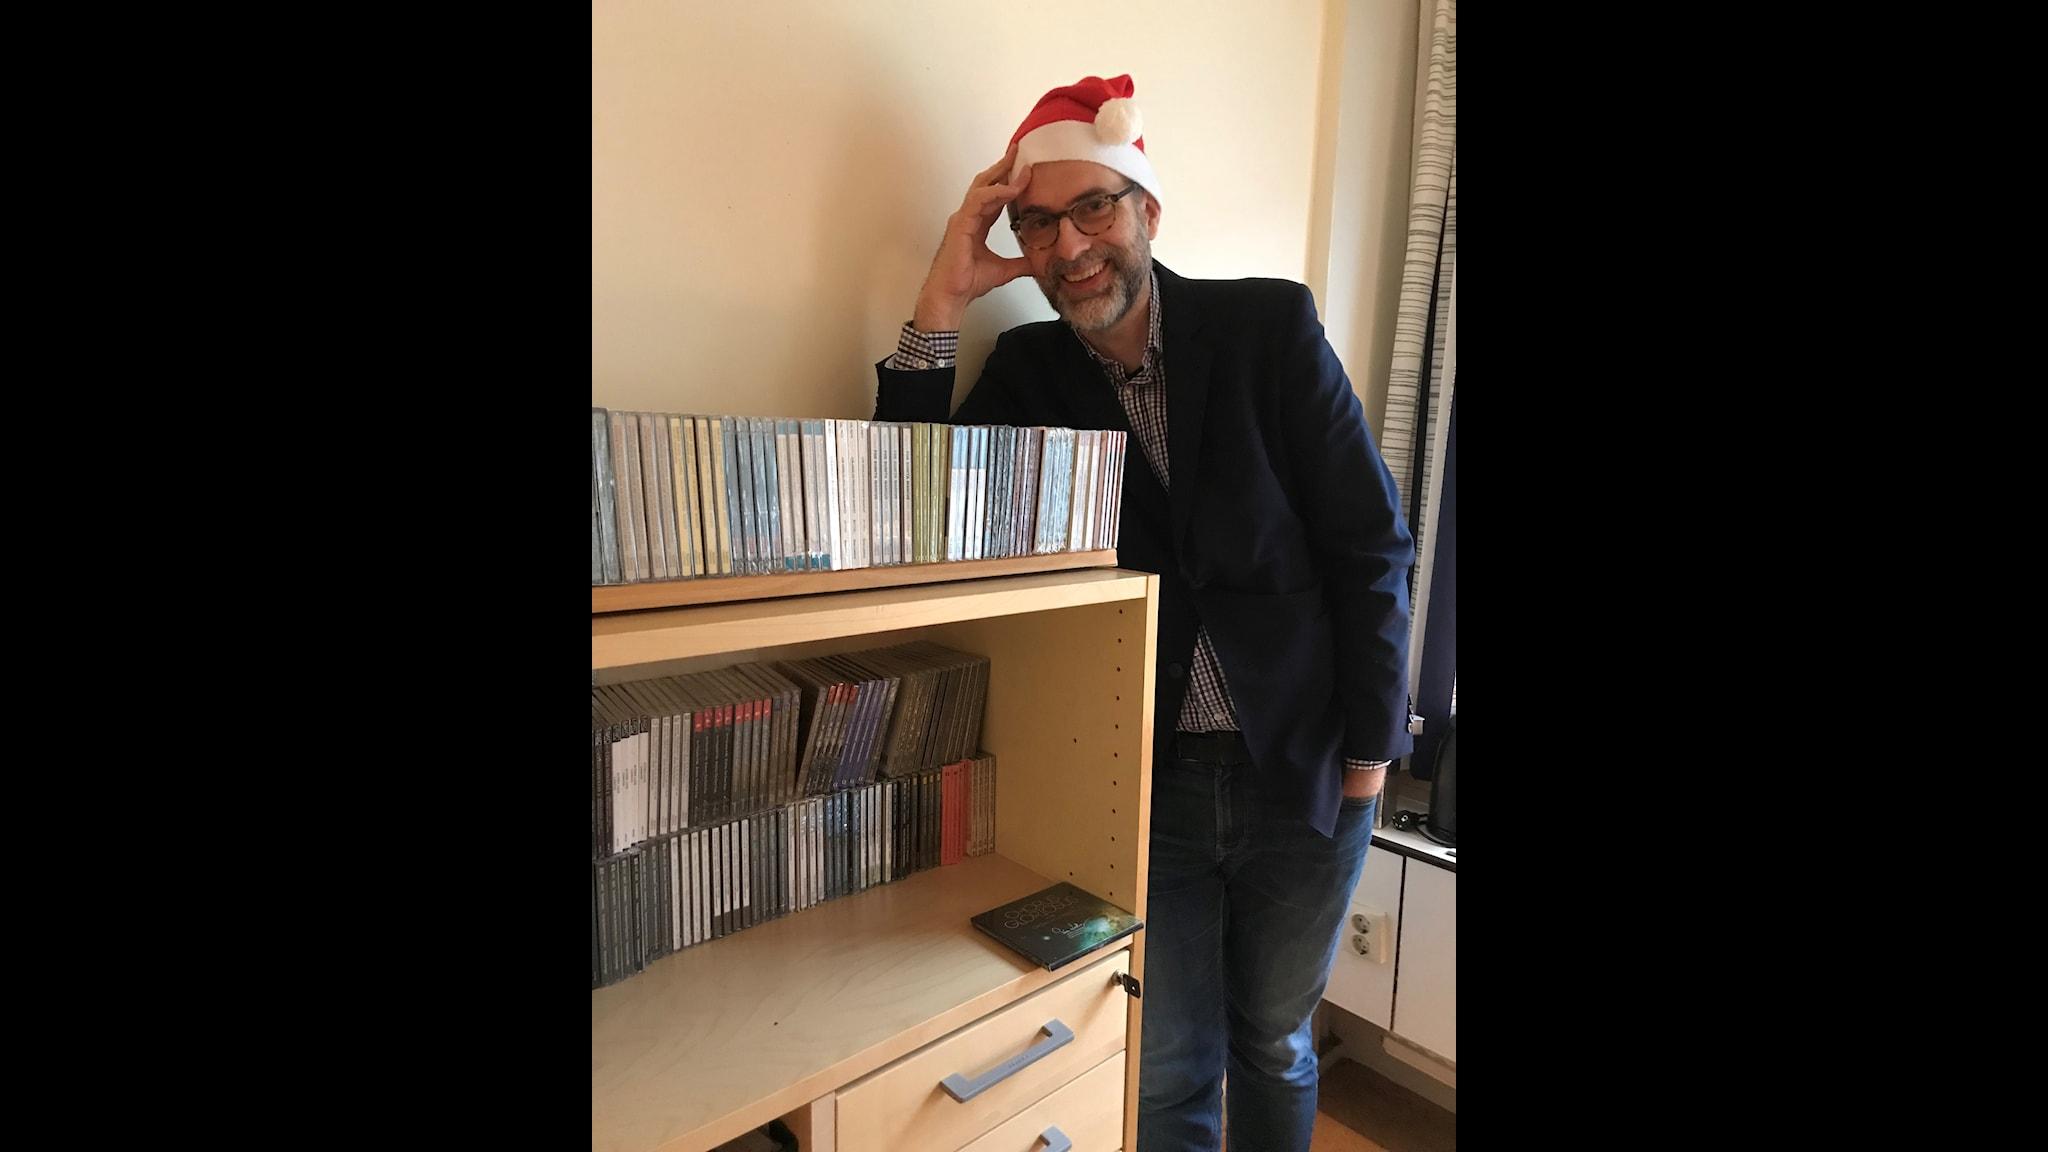 Runda klappar med klingande innehåll utlovas i Johans julspecial